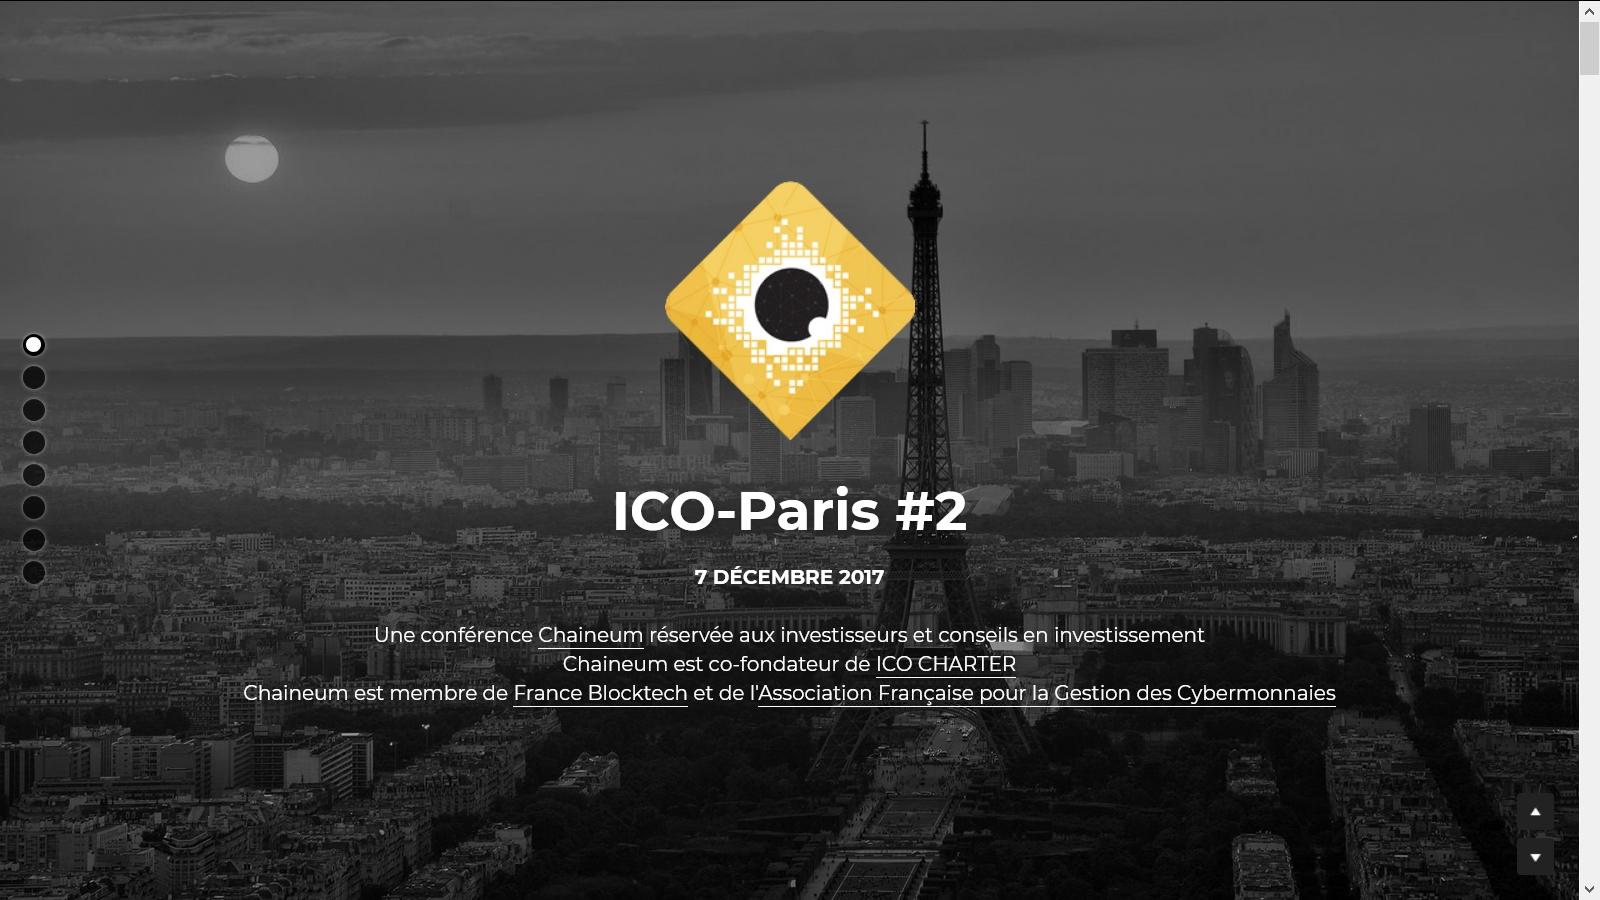 7 décembre 2017 | ICO Paris #2 by Chaineum